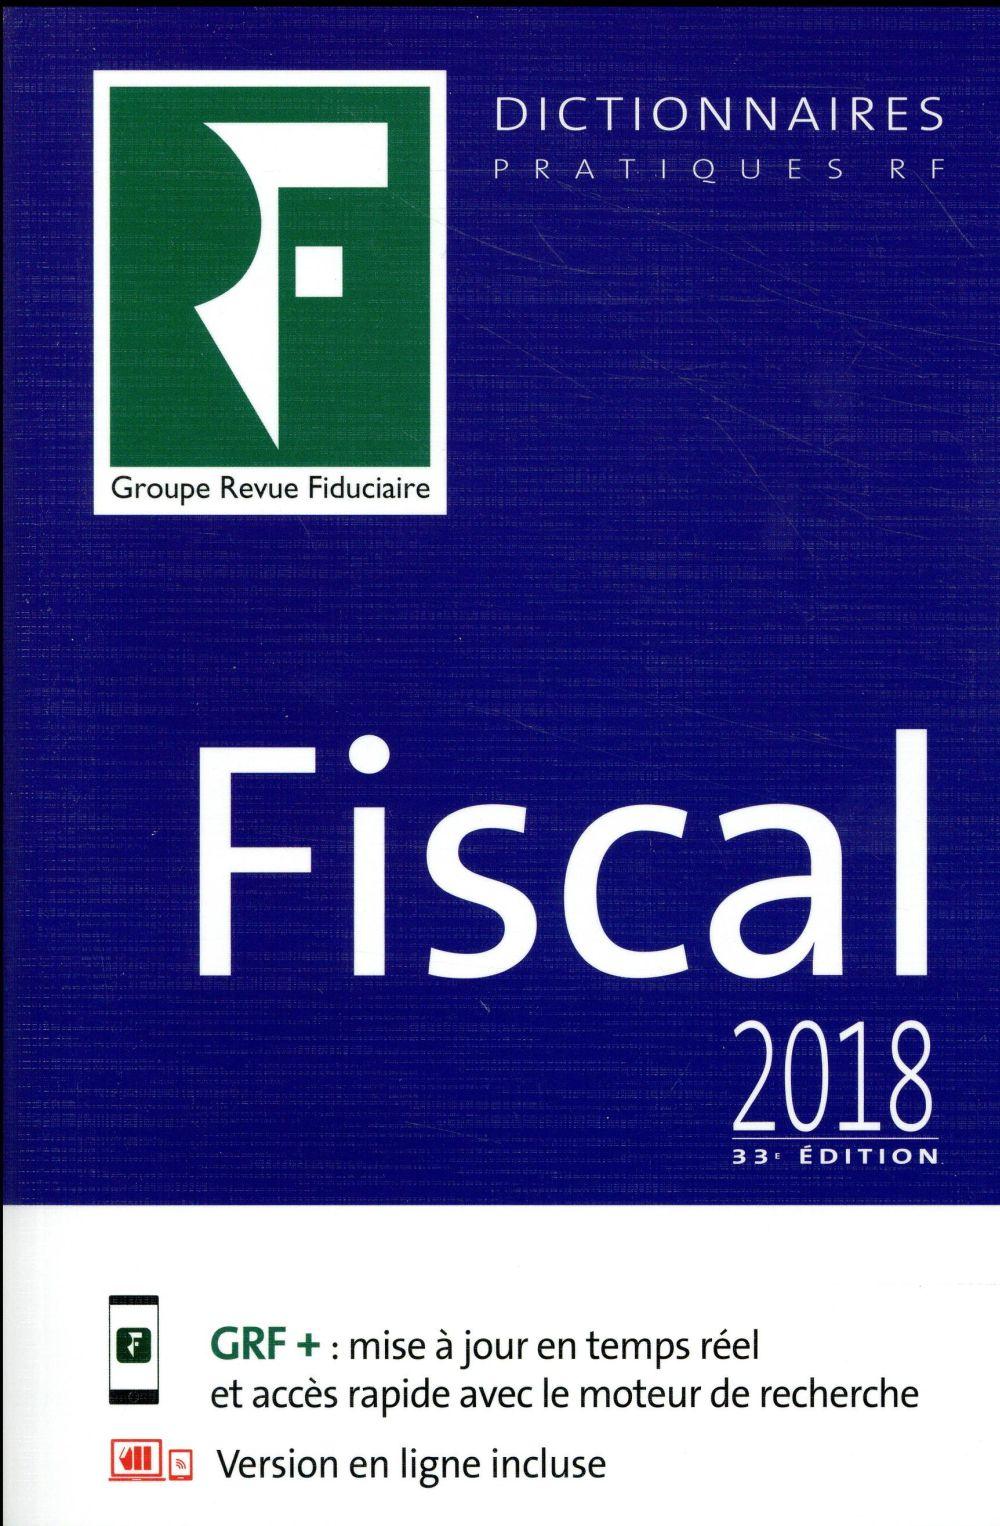 Dictionnaire fiscal (33e édition)